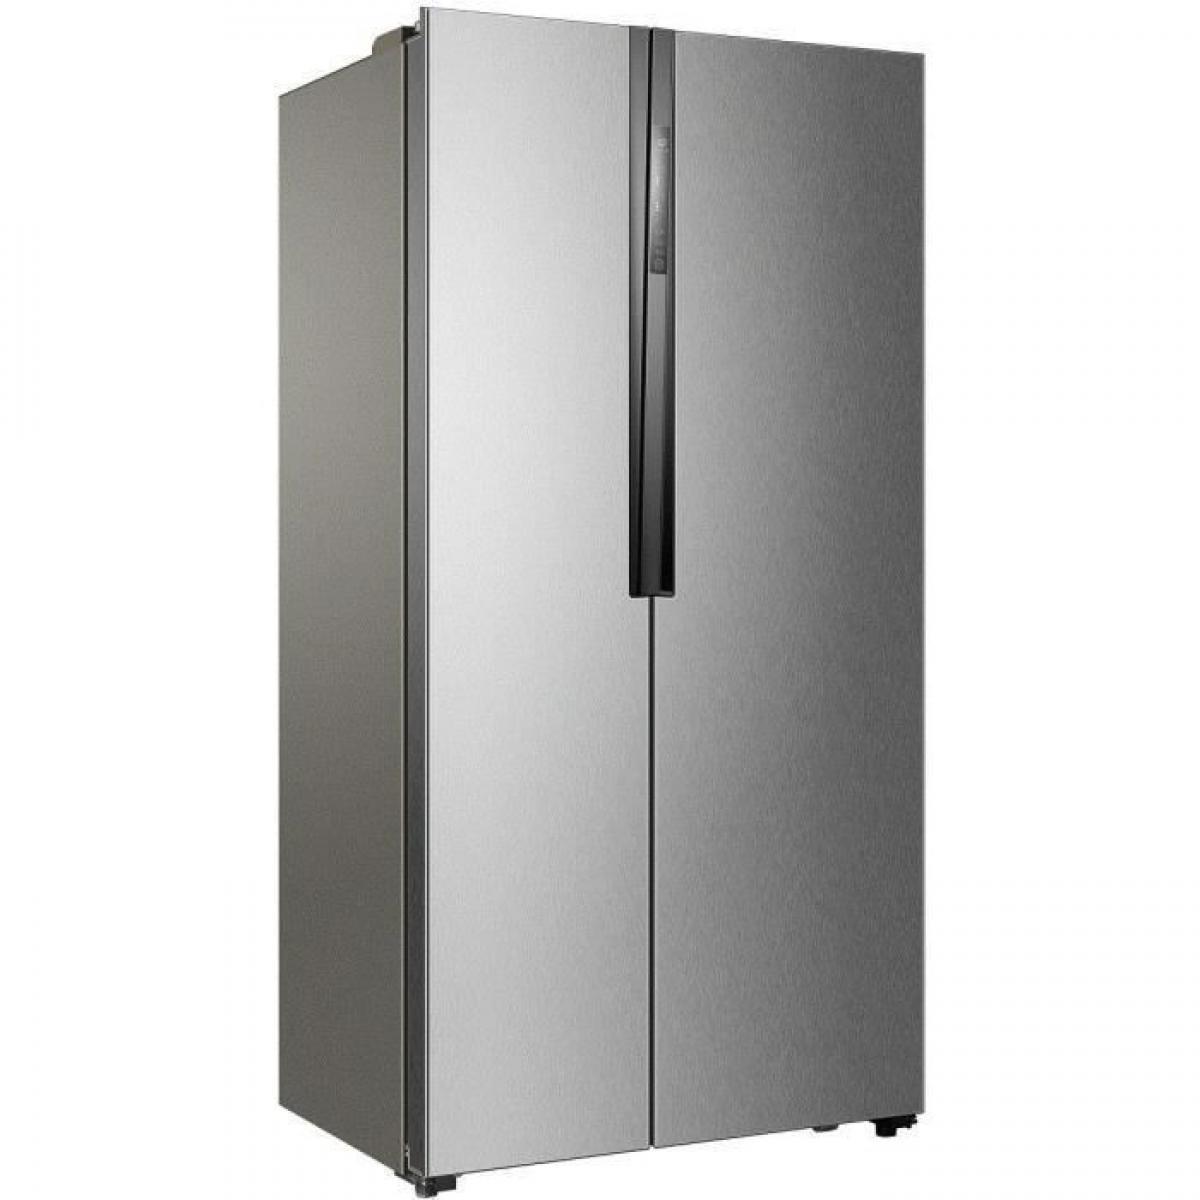 Haier Réfrigérateur américain 504L Froid Ventilé HAIER 90.8cm, HAI6901018077371